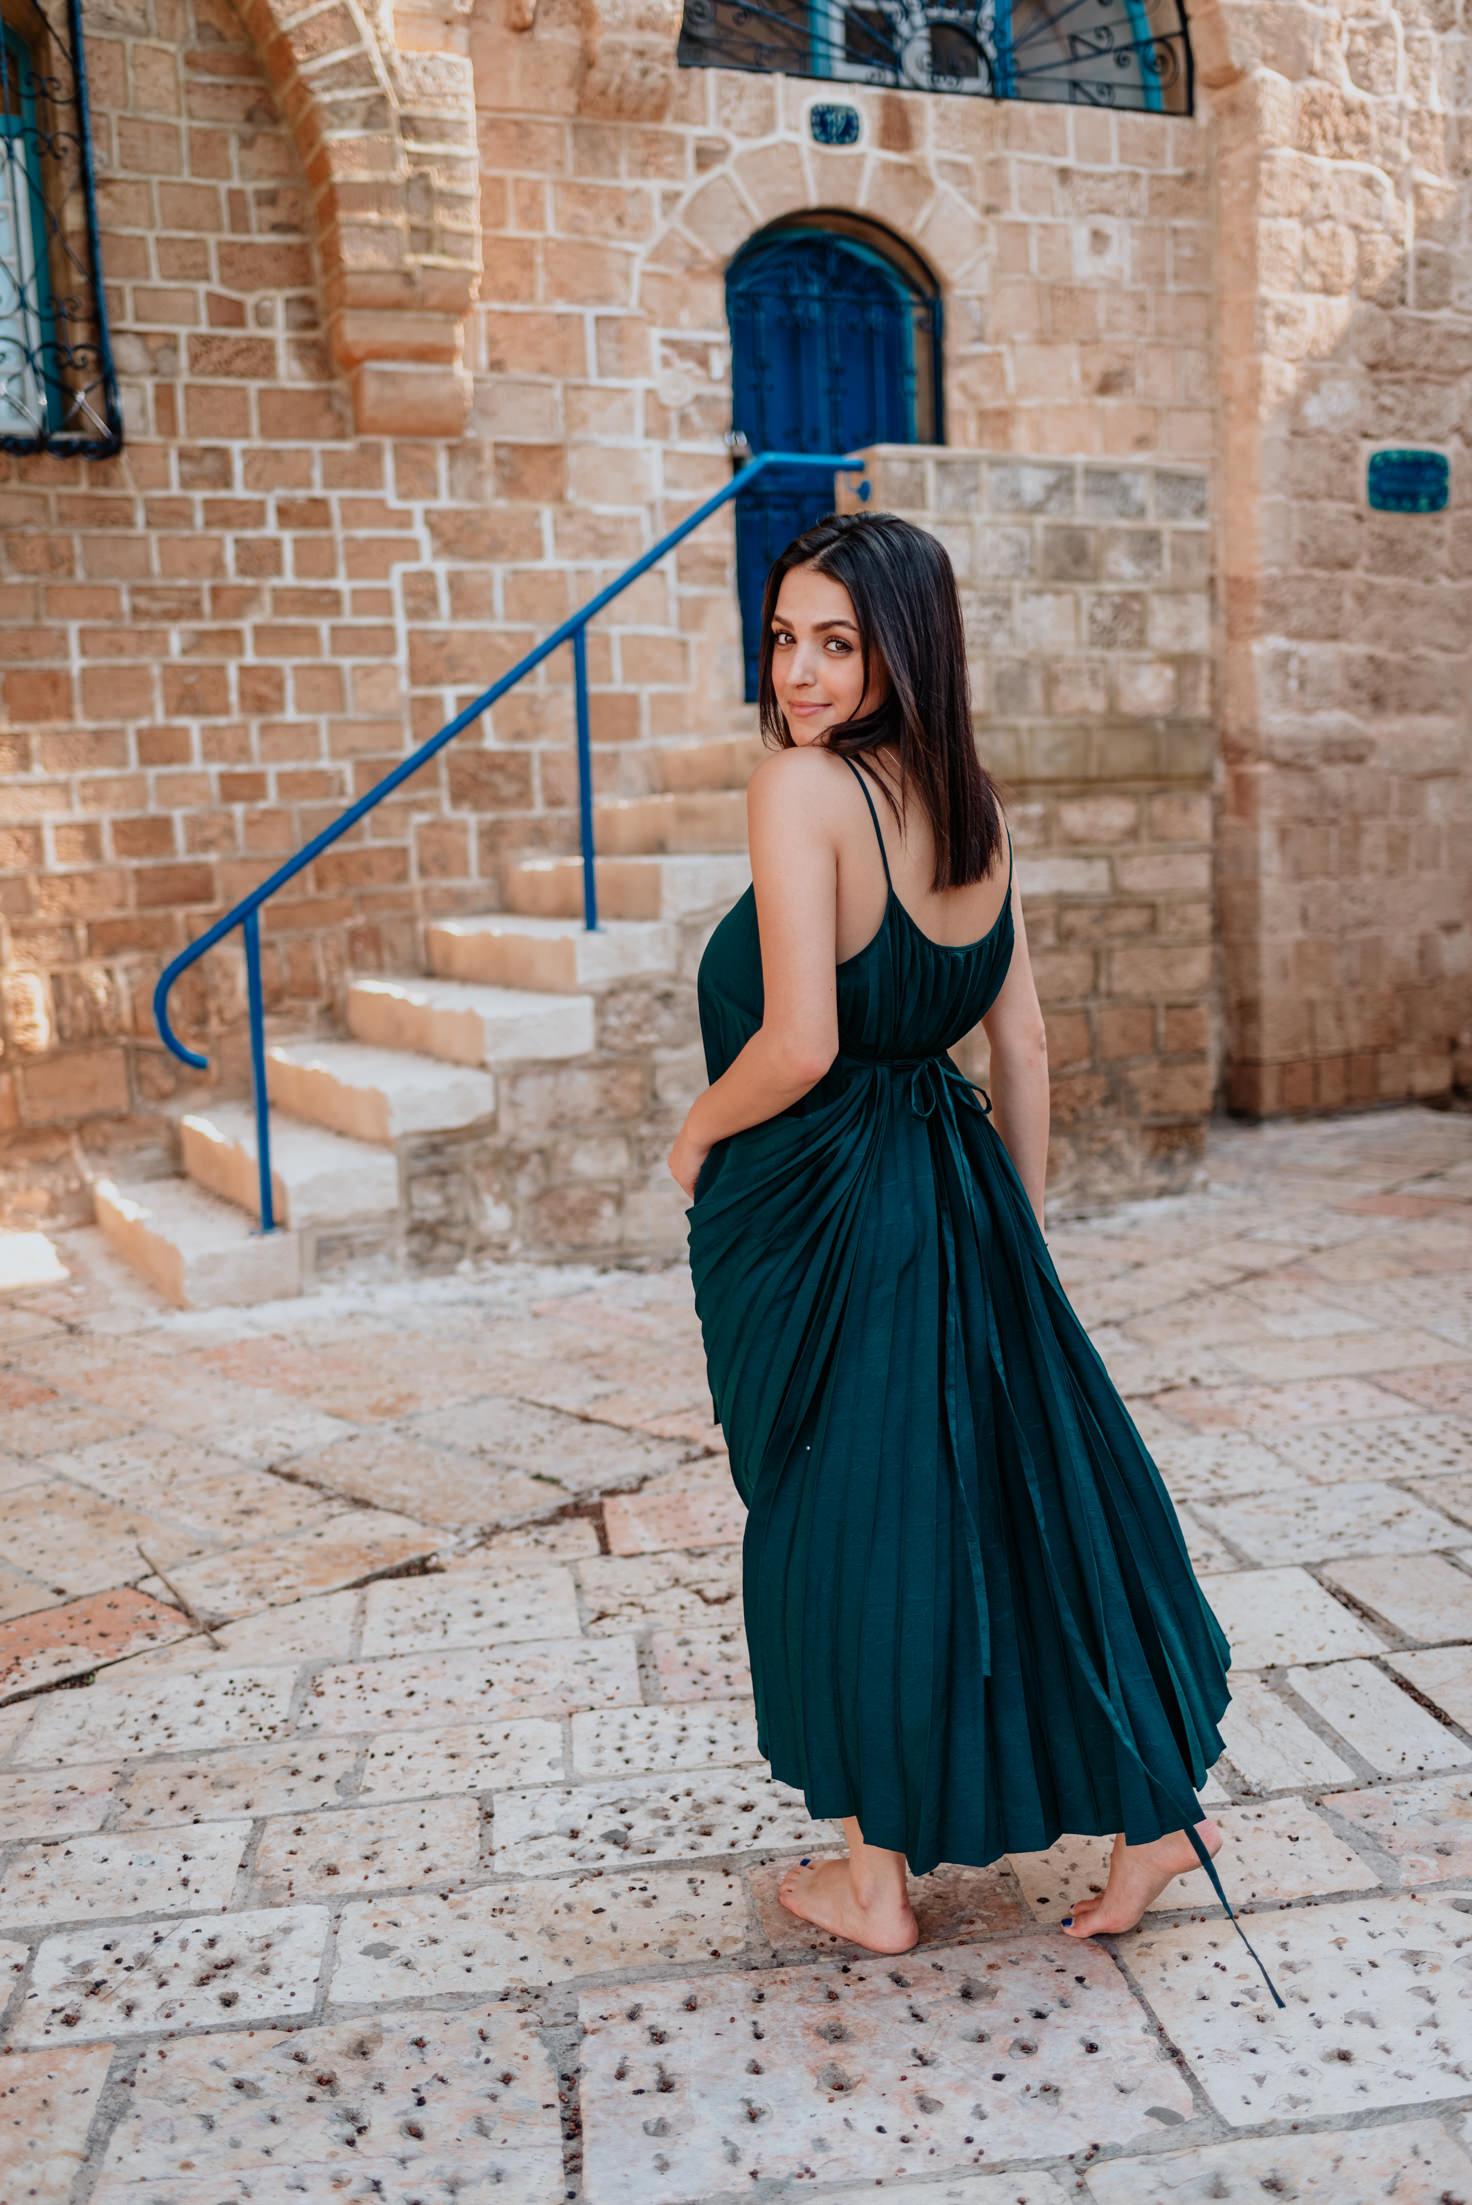 fotógrafo en jerusalen